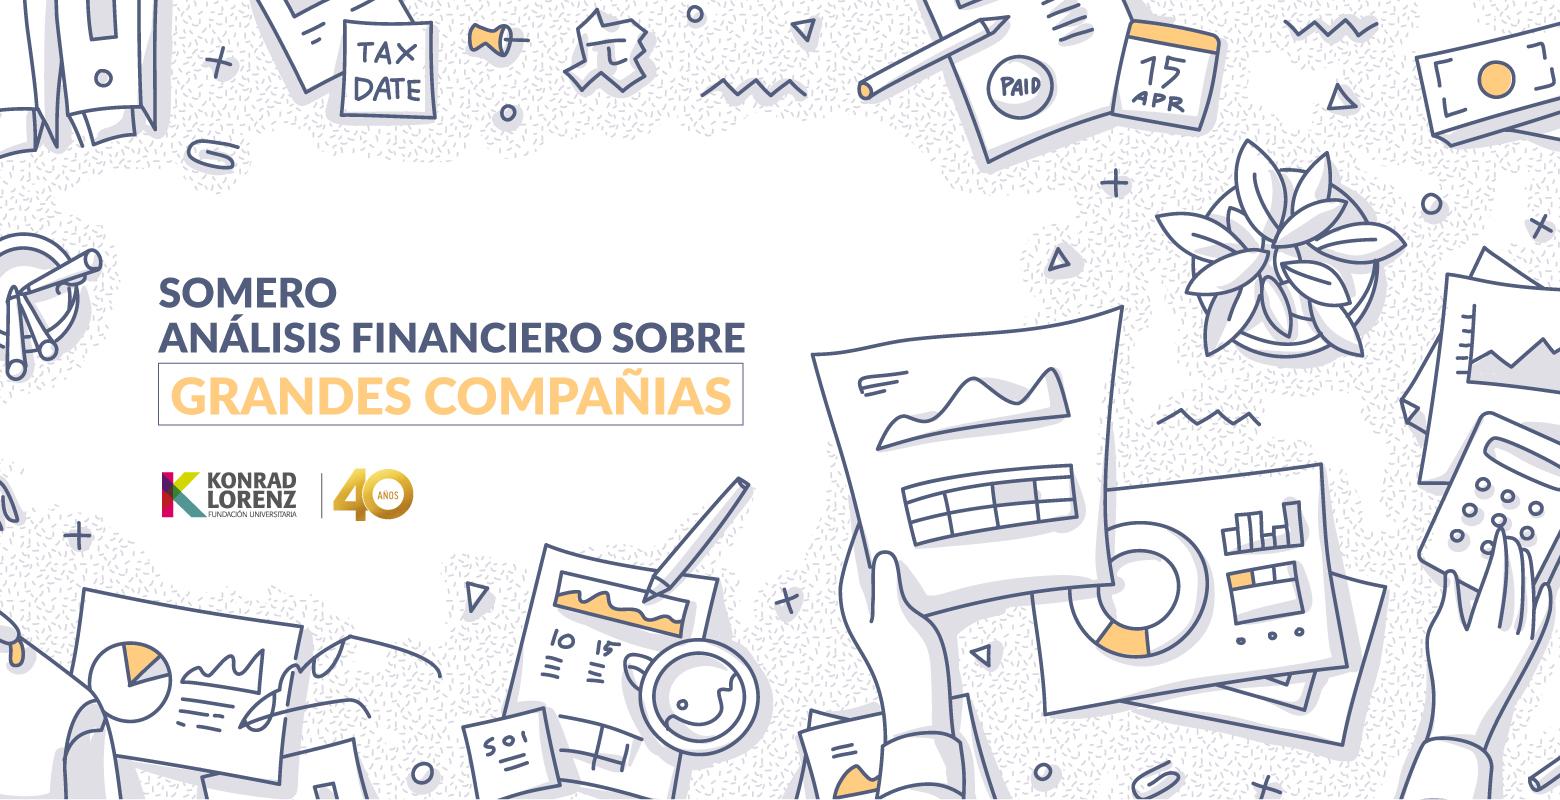 Somero análisis financiero sobre grandes compañías